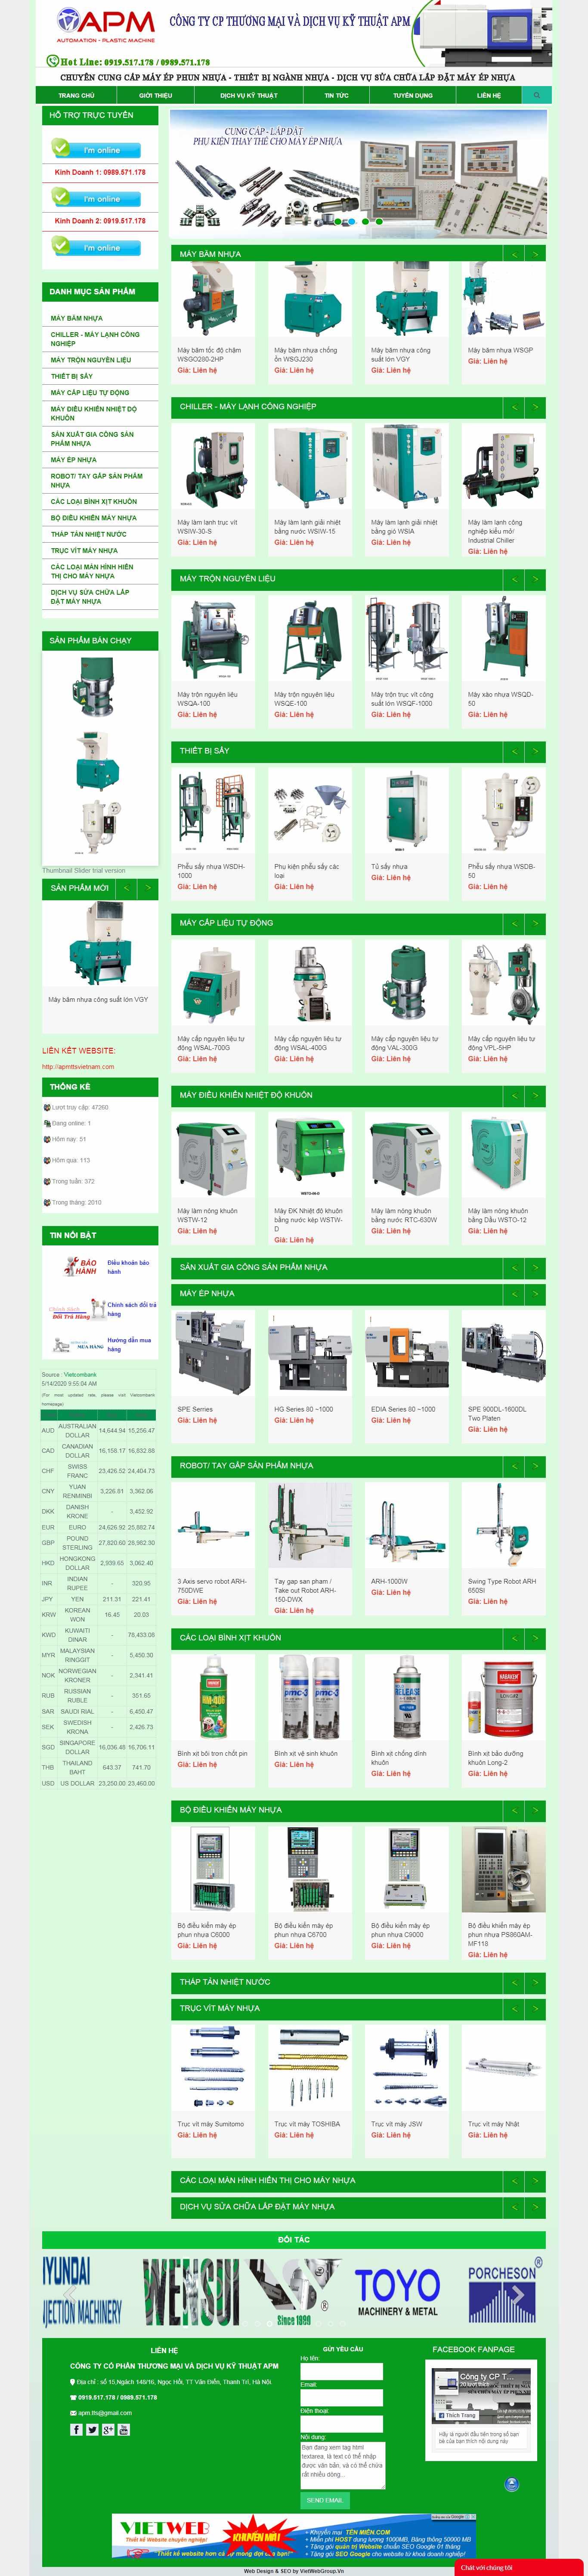 Thiết kế web 5 giây - maymocnganhnhua.com.vn